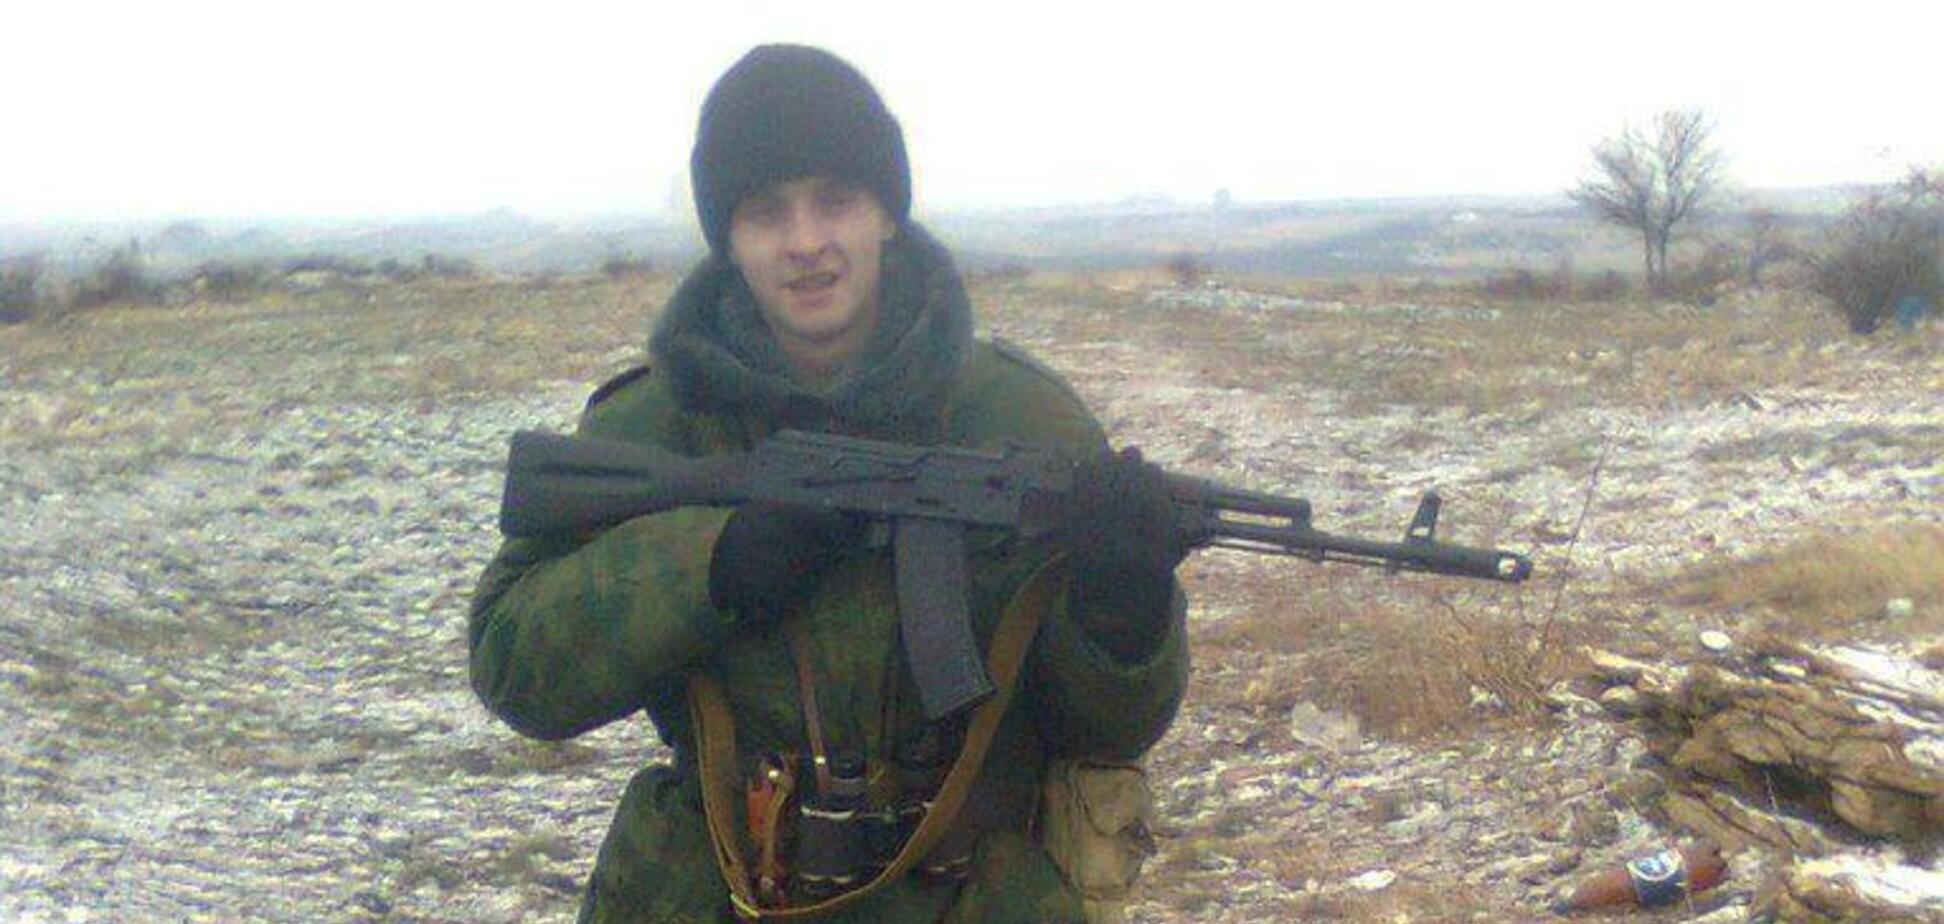 На Донбассе ликвидировали молодого предателя Украины: фото террориста